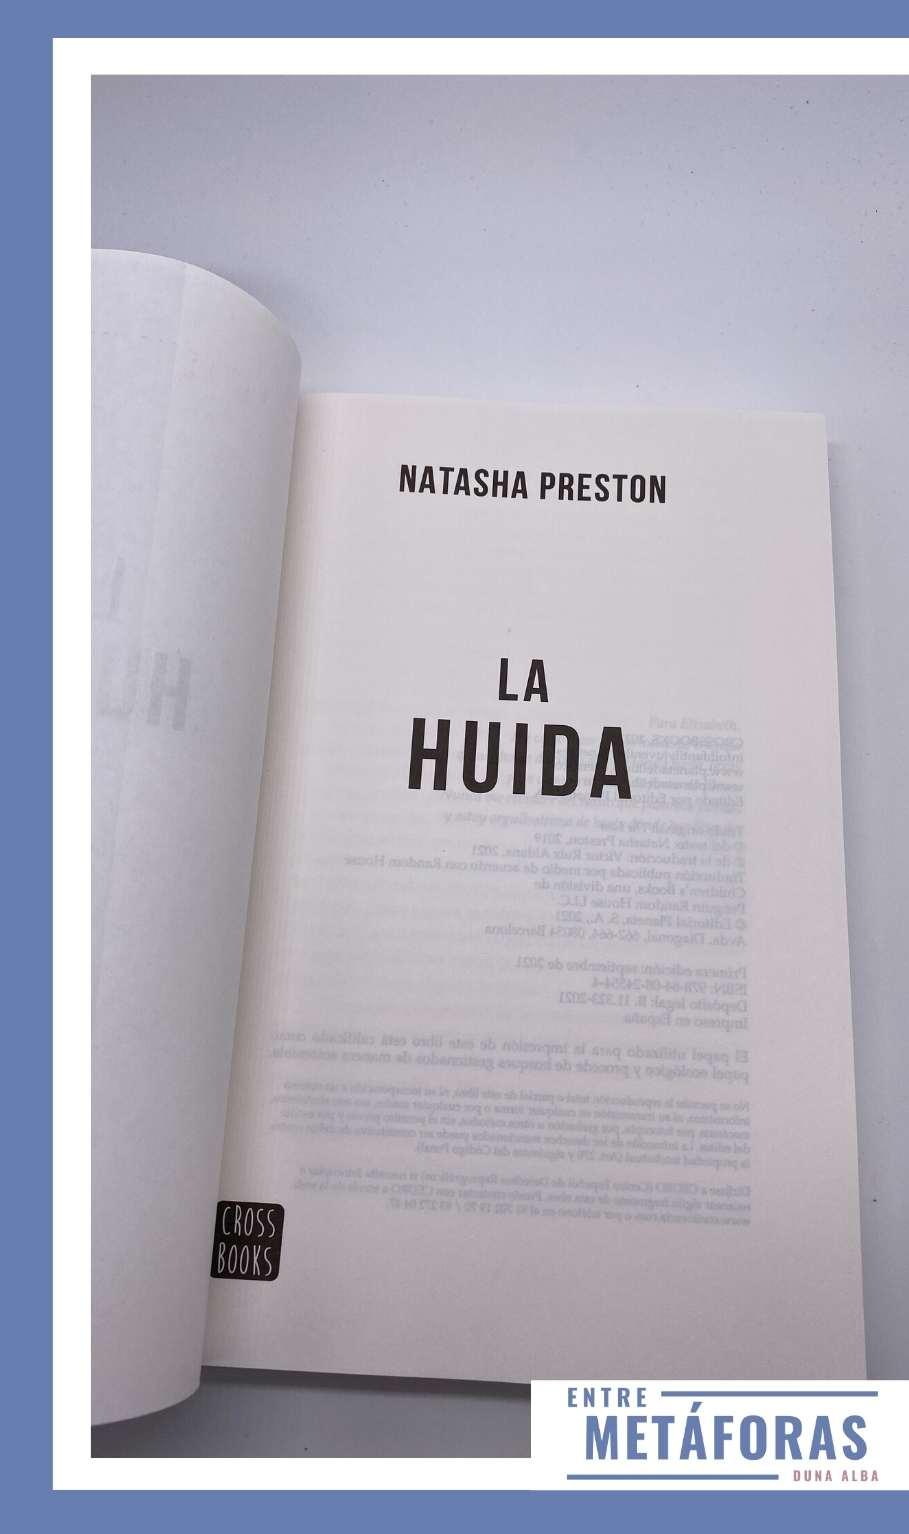 La huida, de Natasha Preston